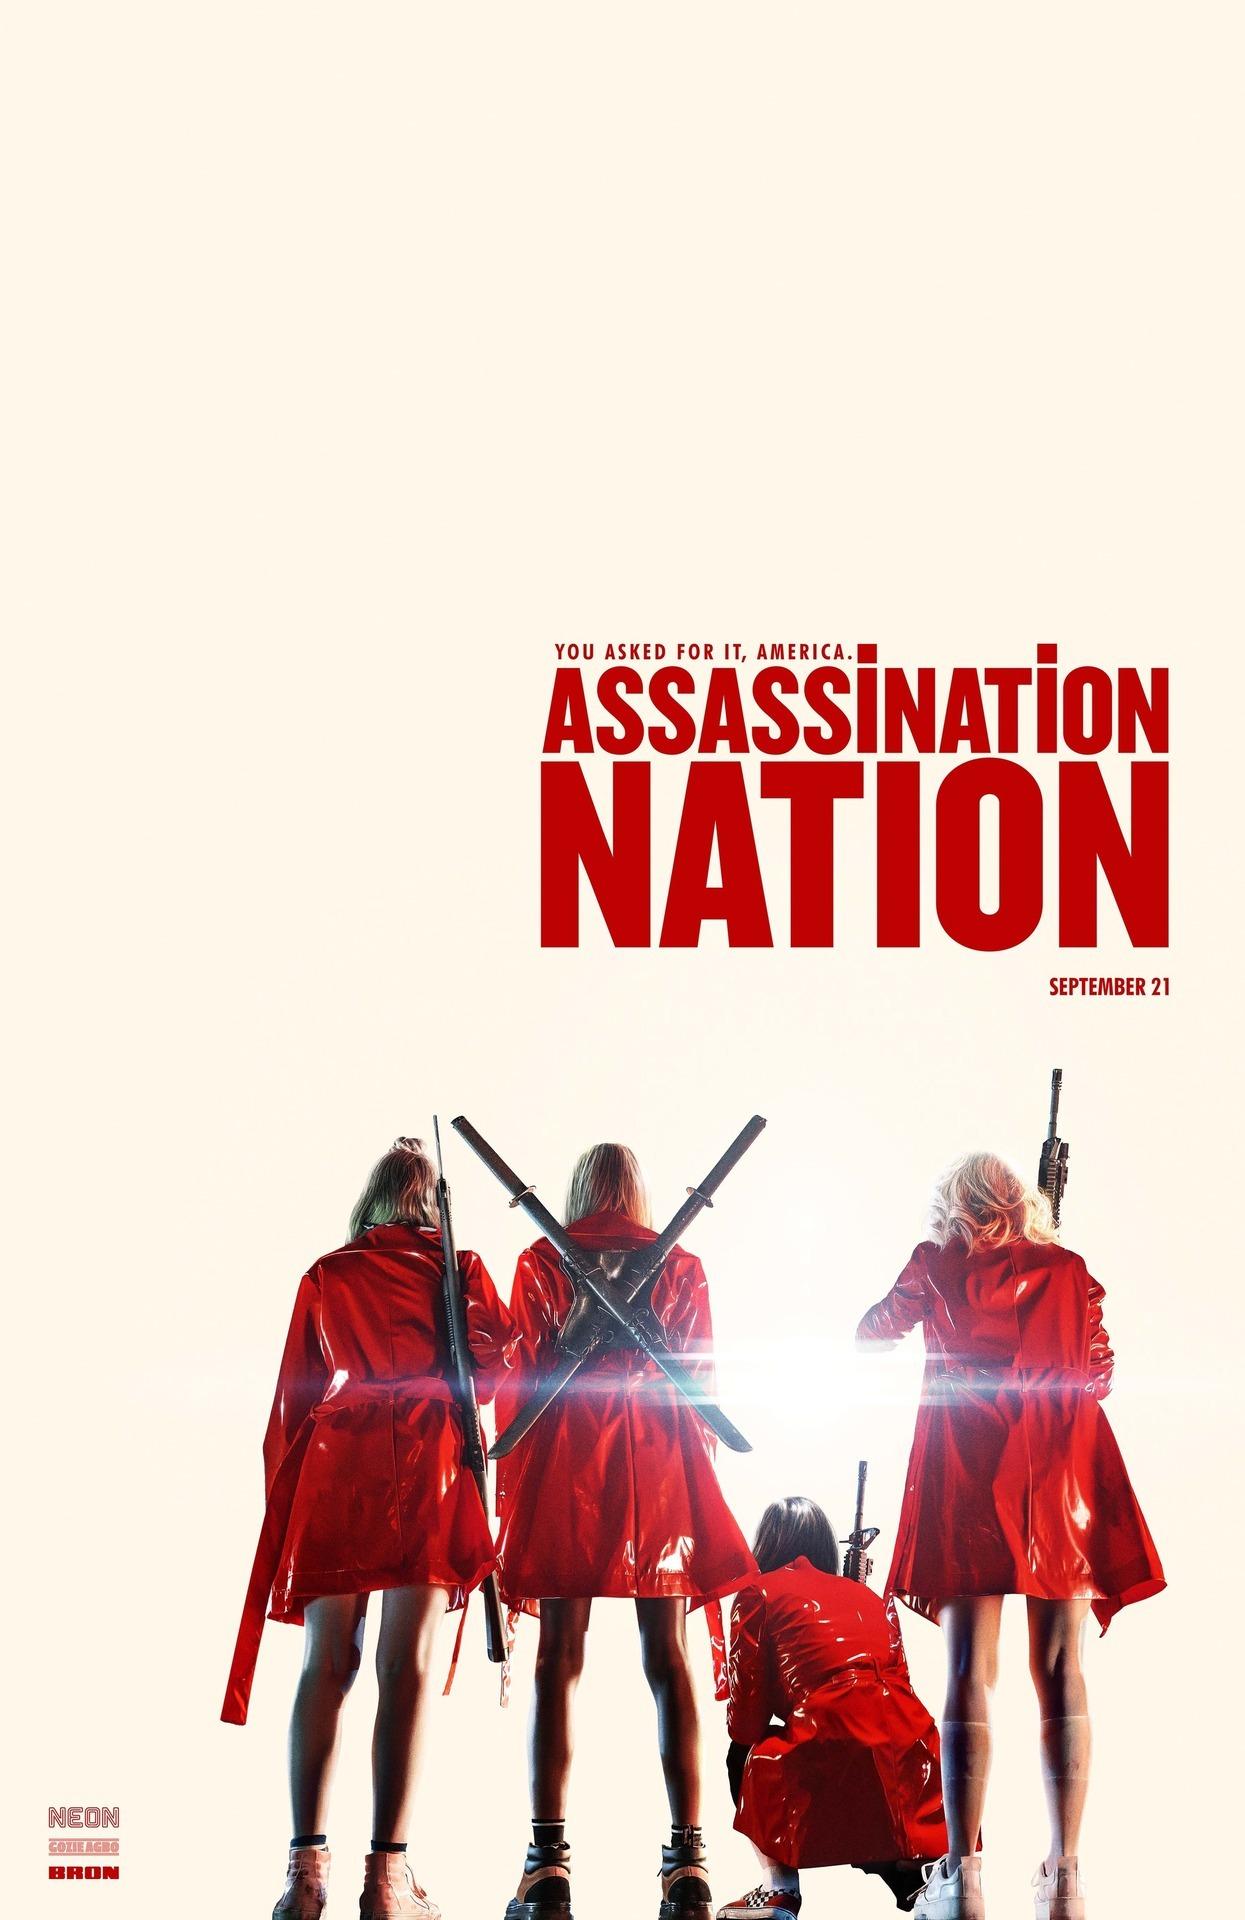 Assassination2.jpg